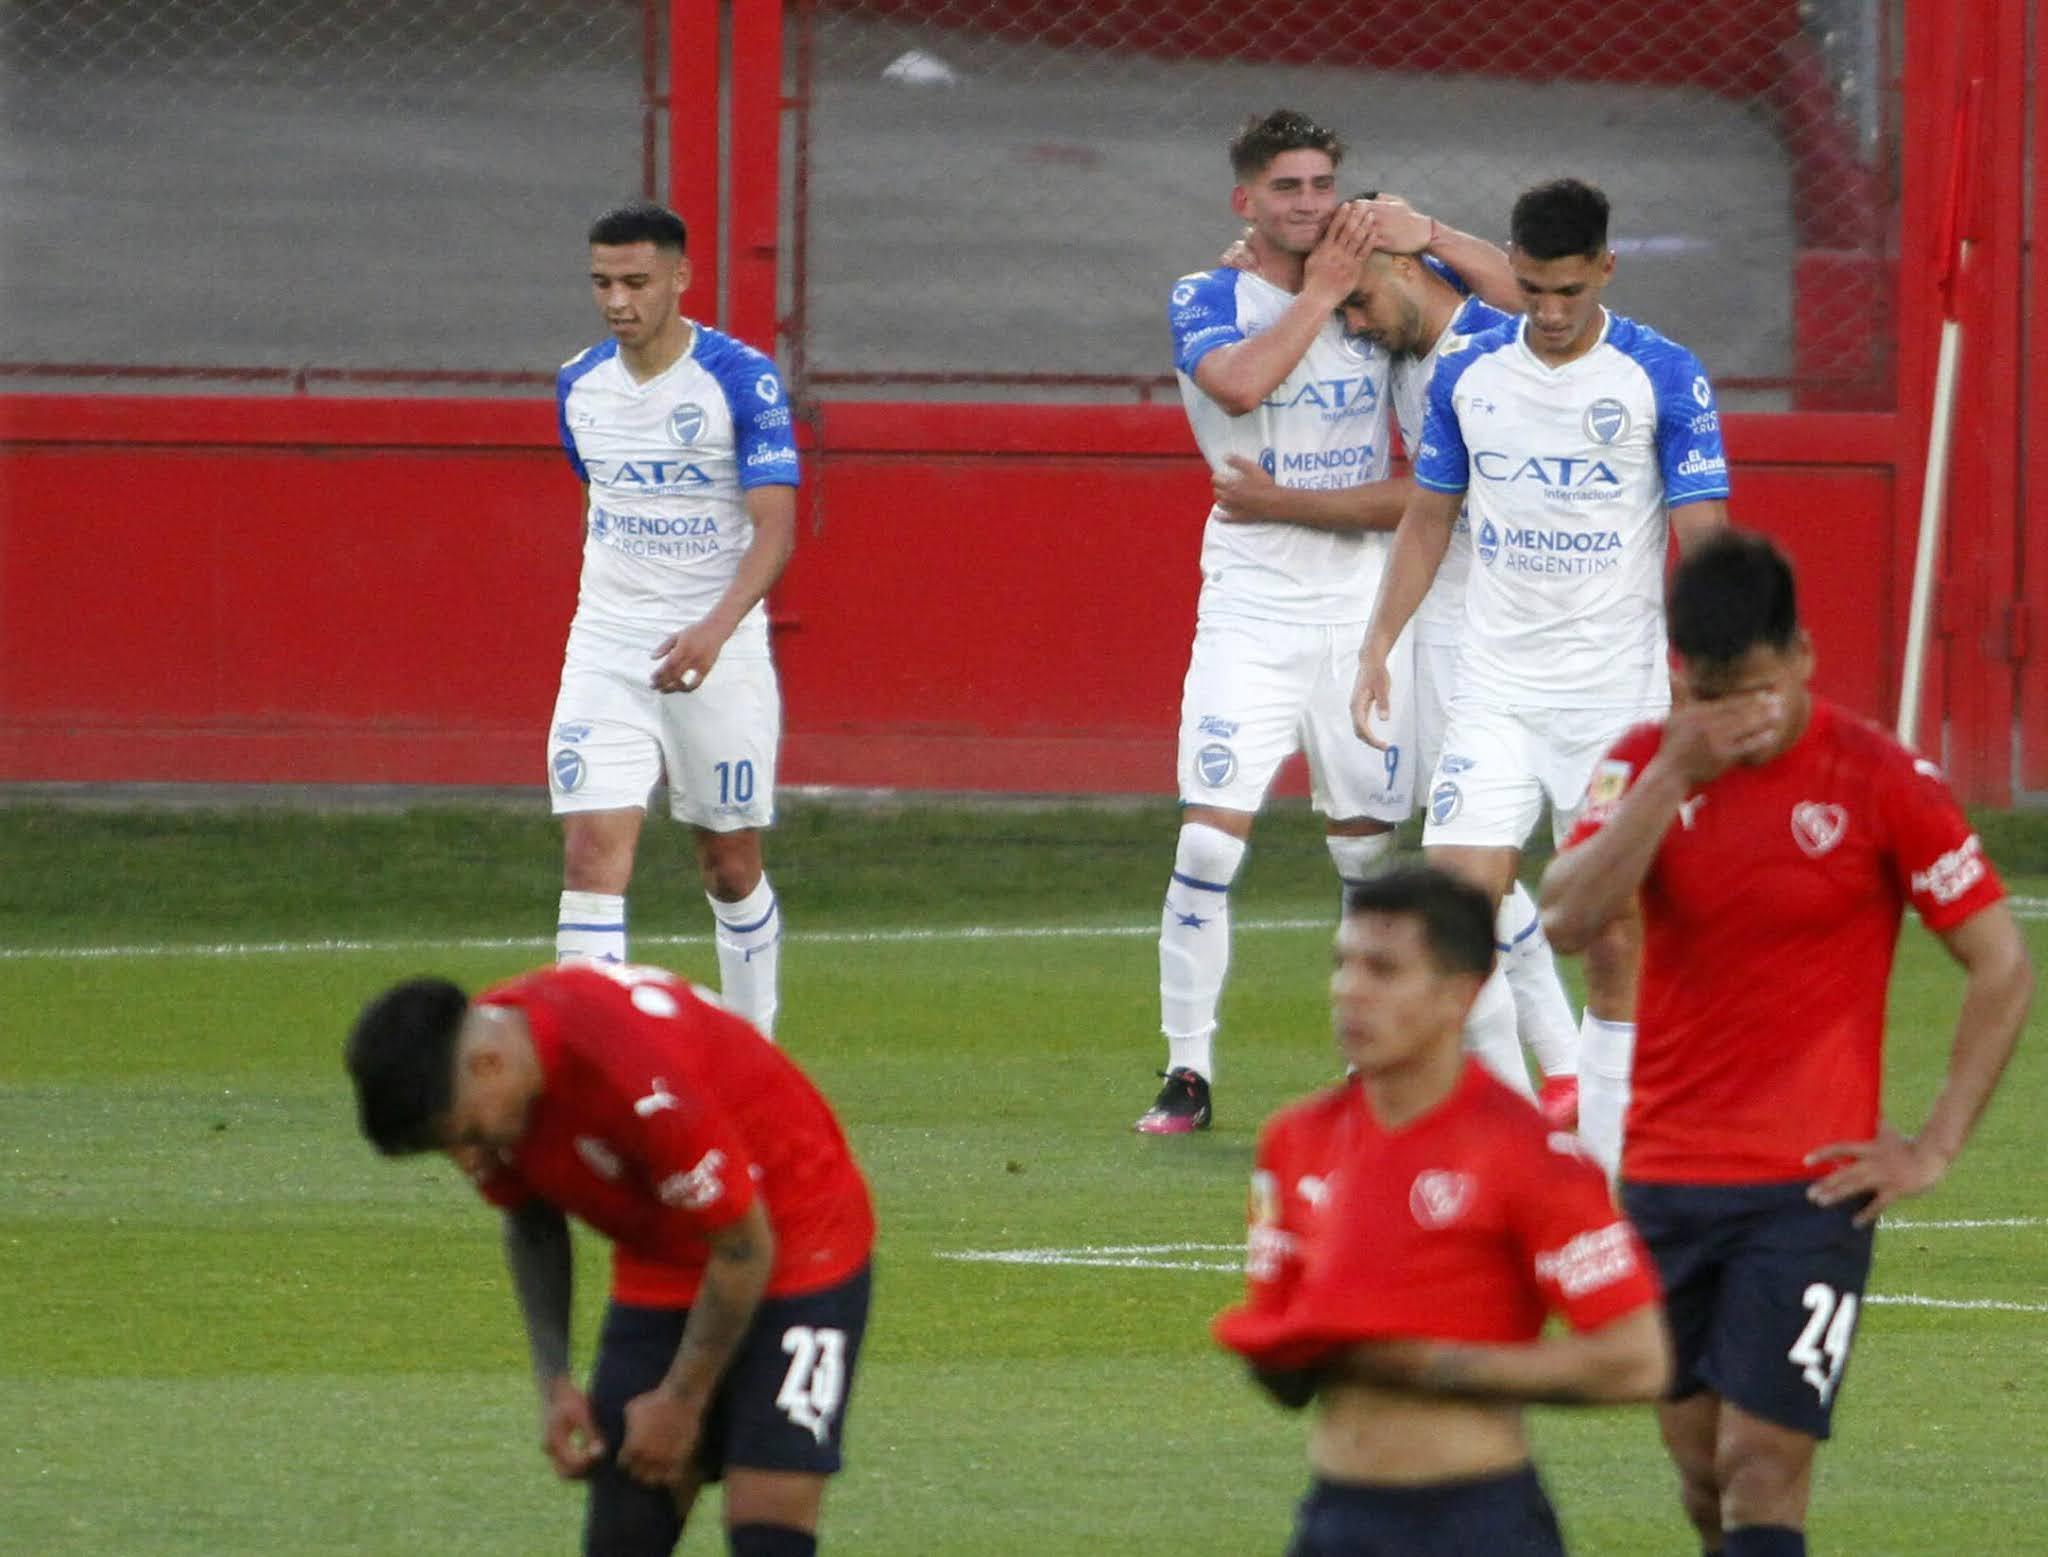 Independiente cayó esta noche ante Godoy Cruz por 4 a 1, en Avellaneda. en partido por la 13ra. fecha del torneo de la Liga Profesional de Fútbol.